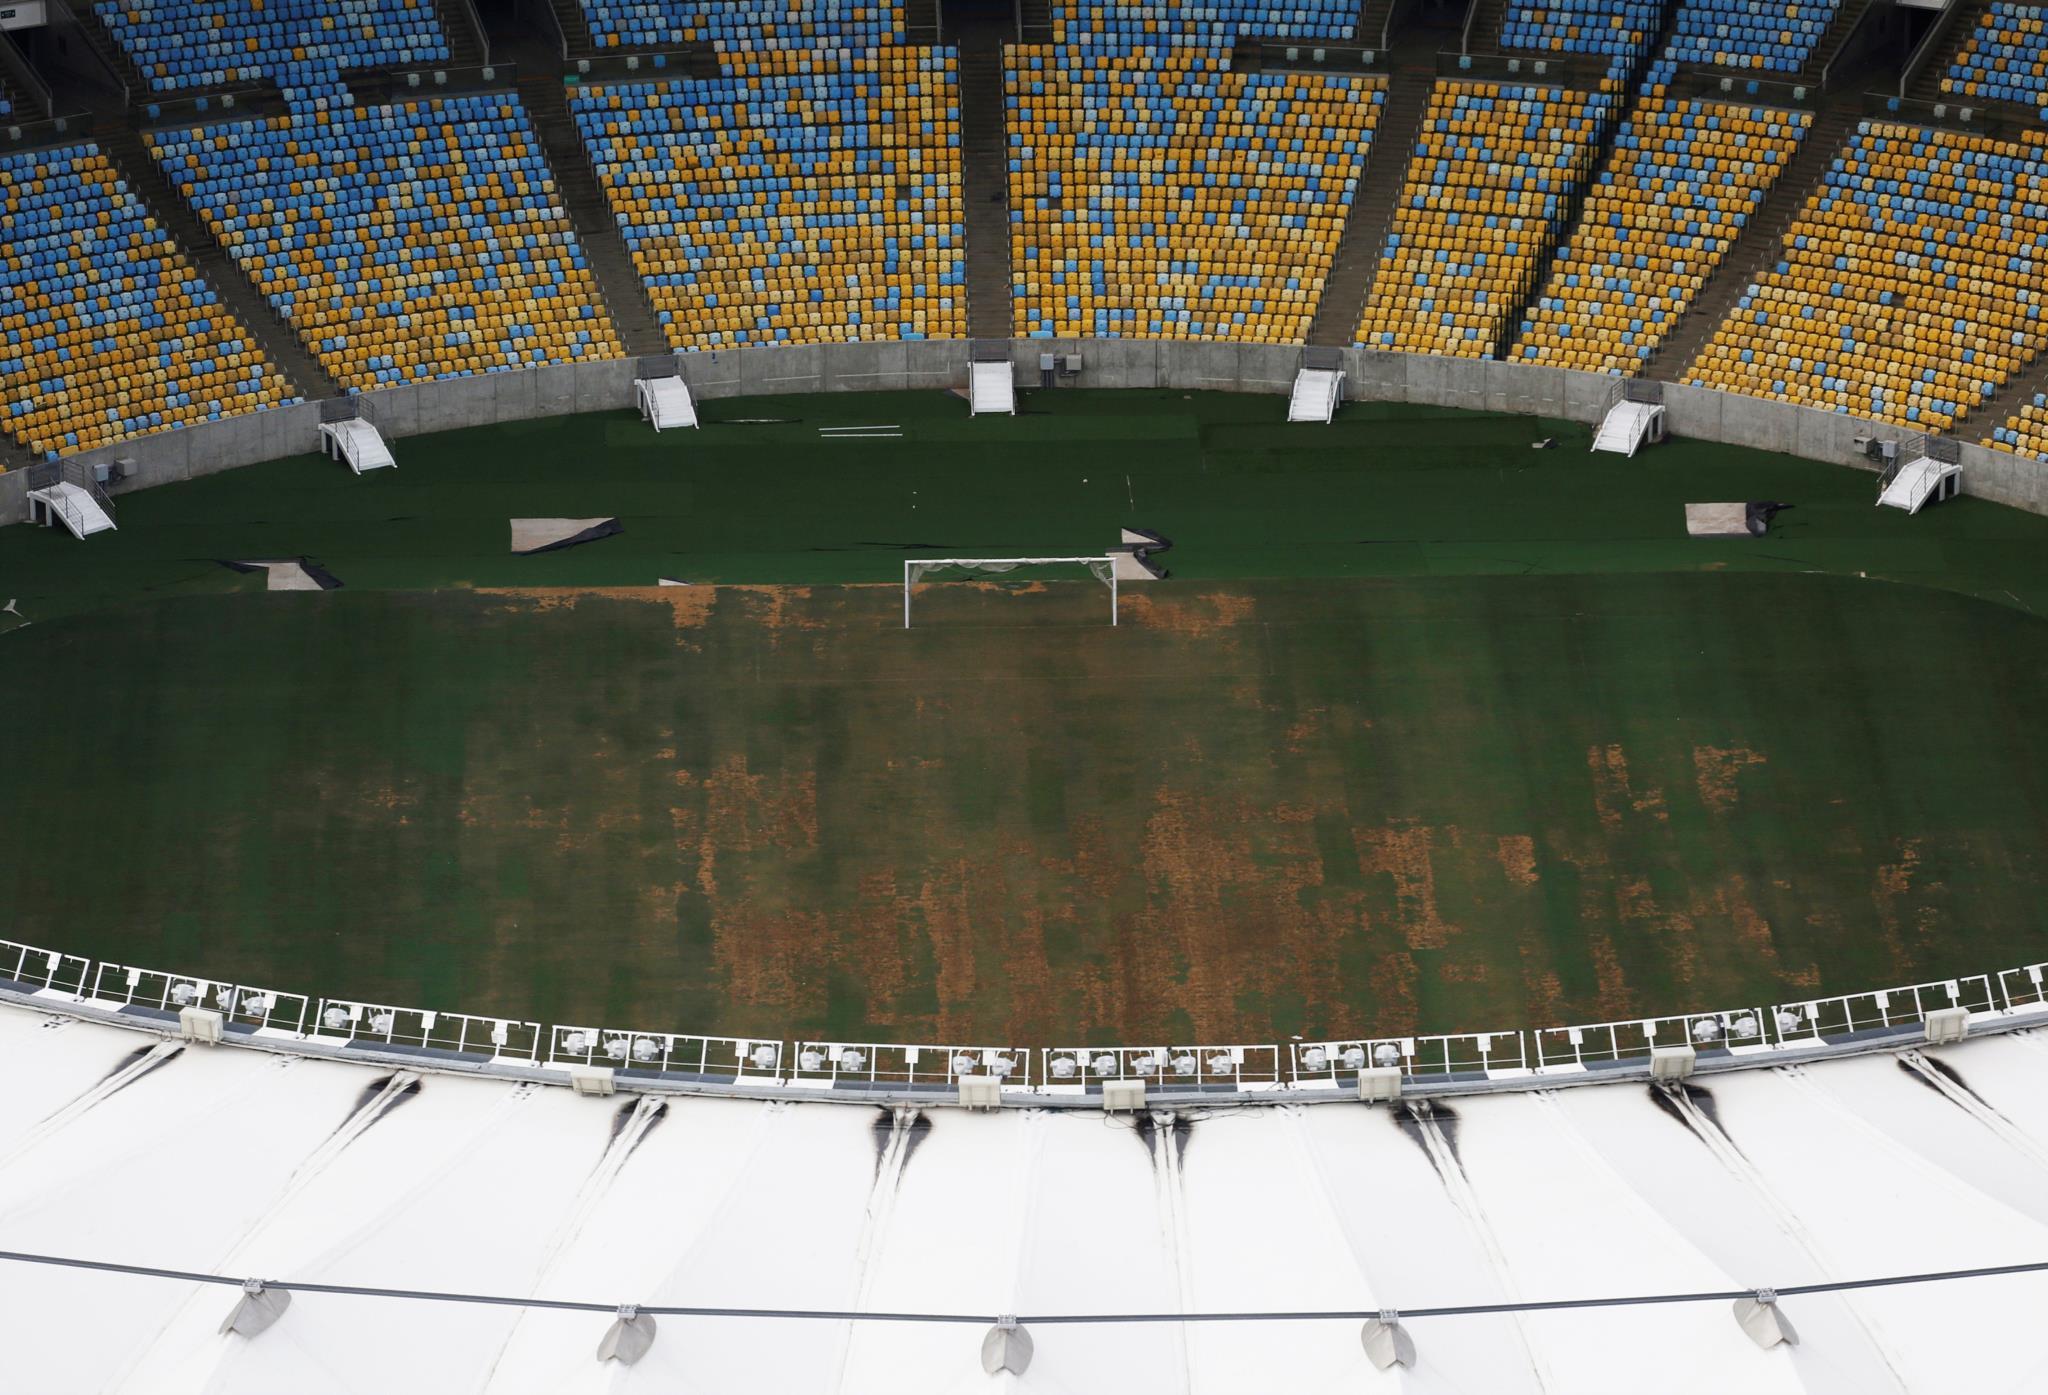 Vista aérea do Estádio Maracanã, com a relva em péssimo estado